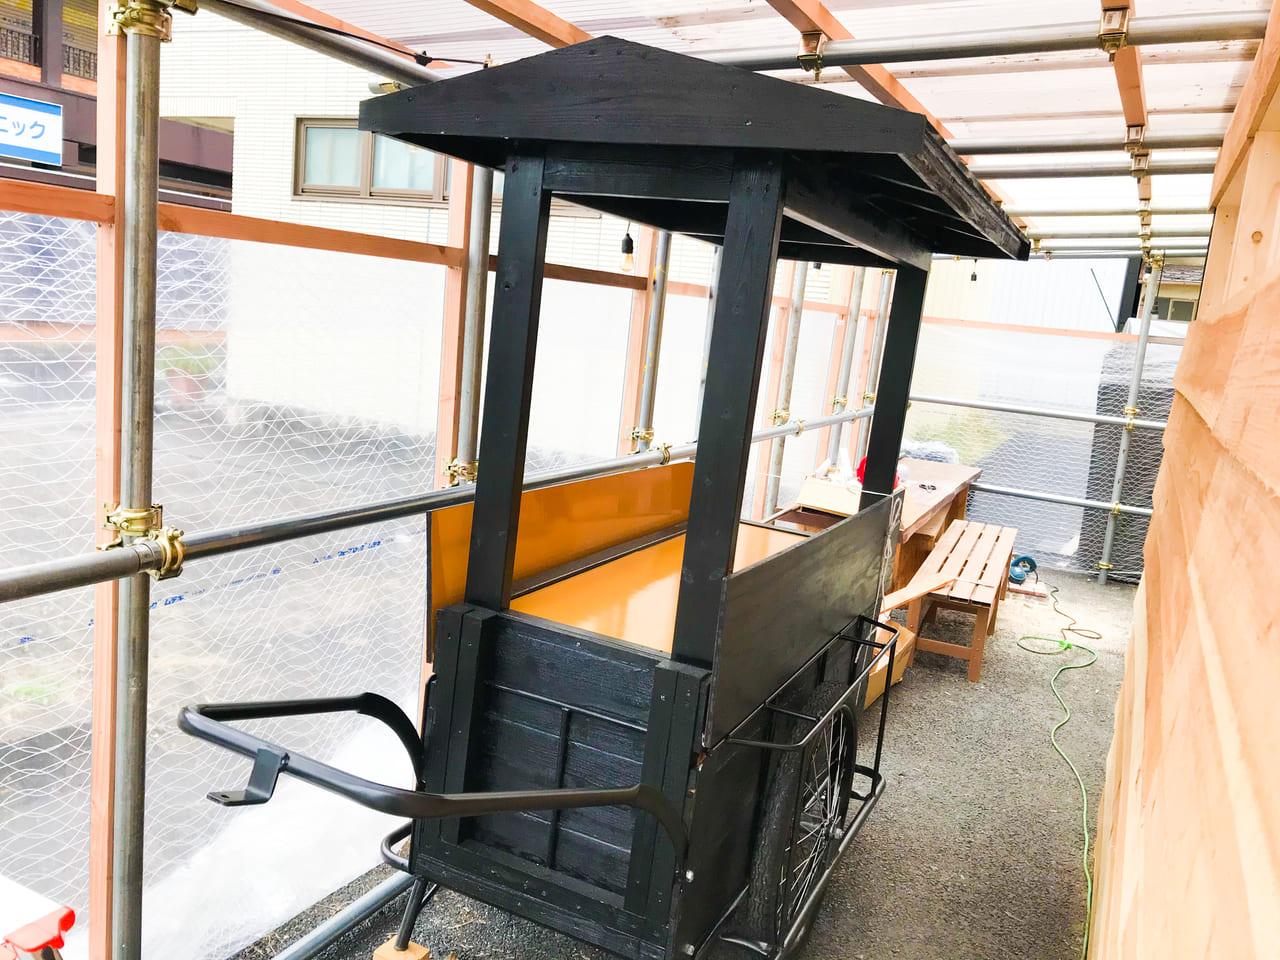 犬山駅にある、おにぎりくん釜匠チャンネルの屋台